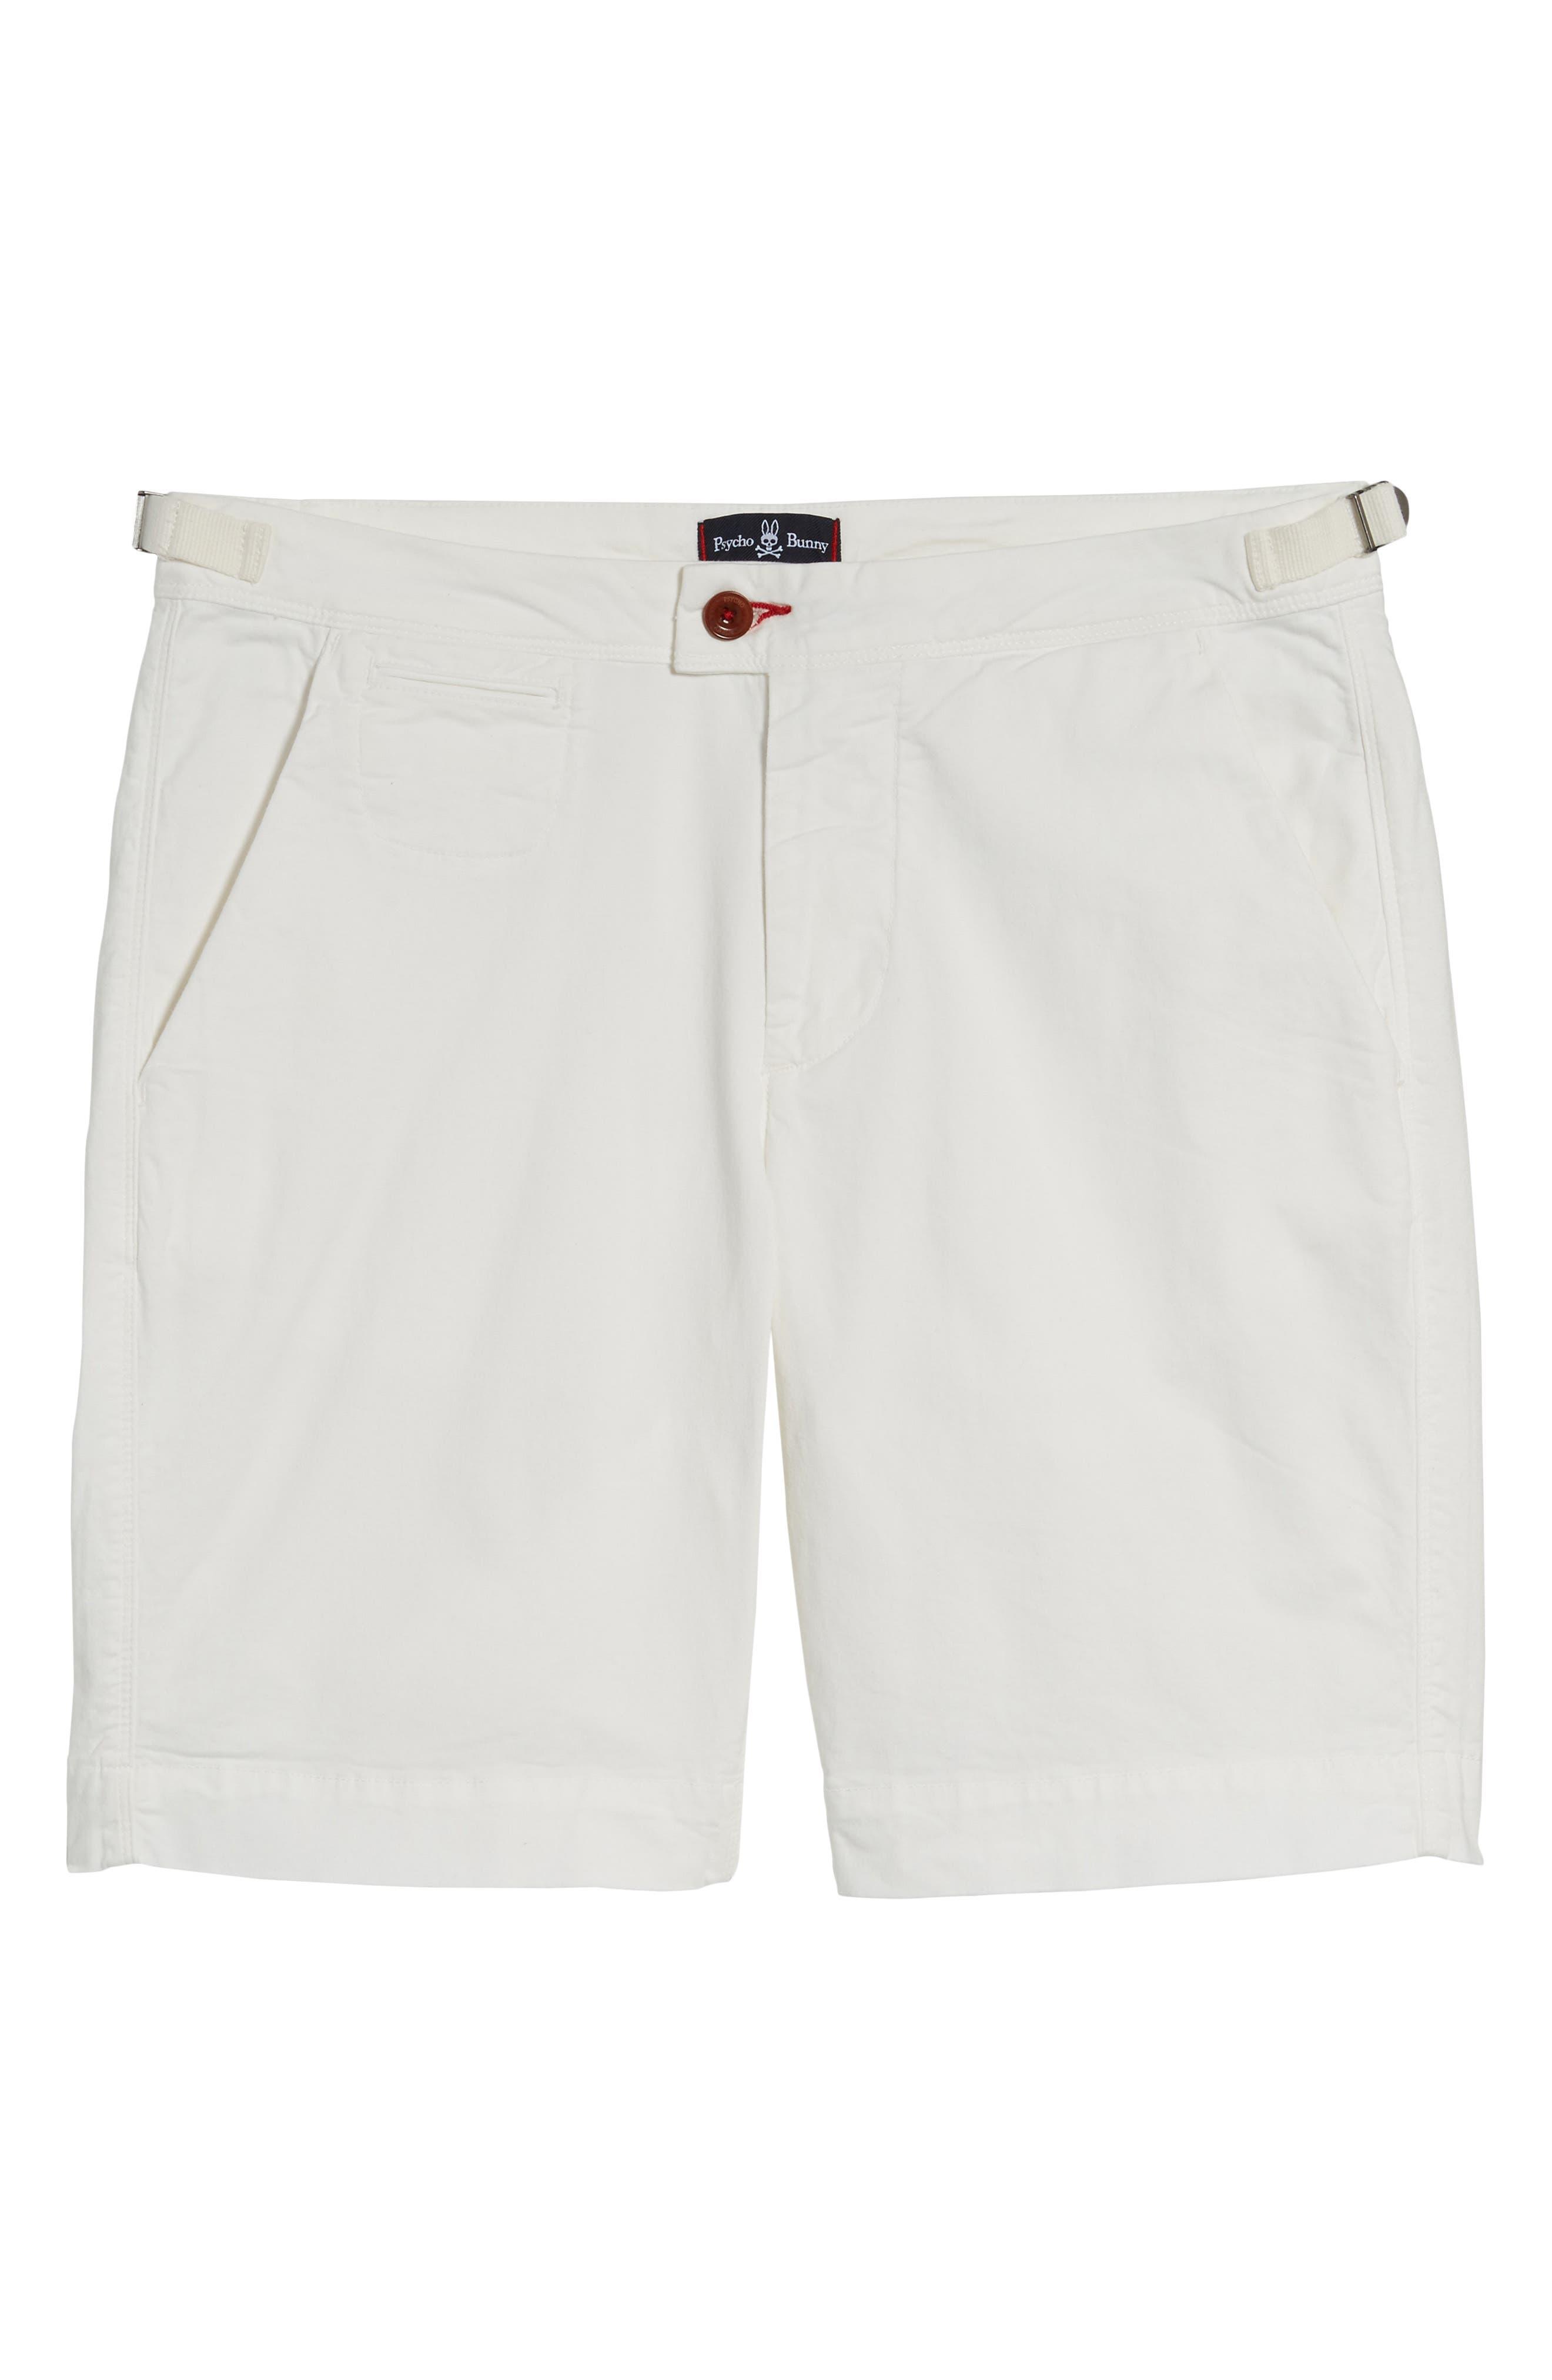 Triumph Shorts,                             Alternate thumbnail 68, color,